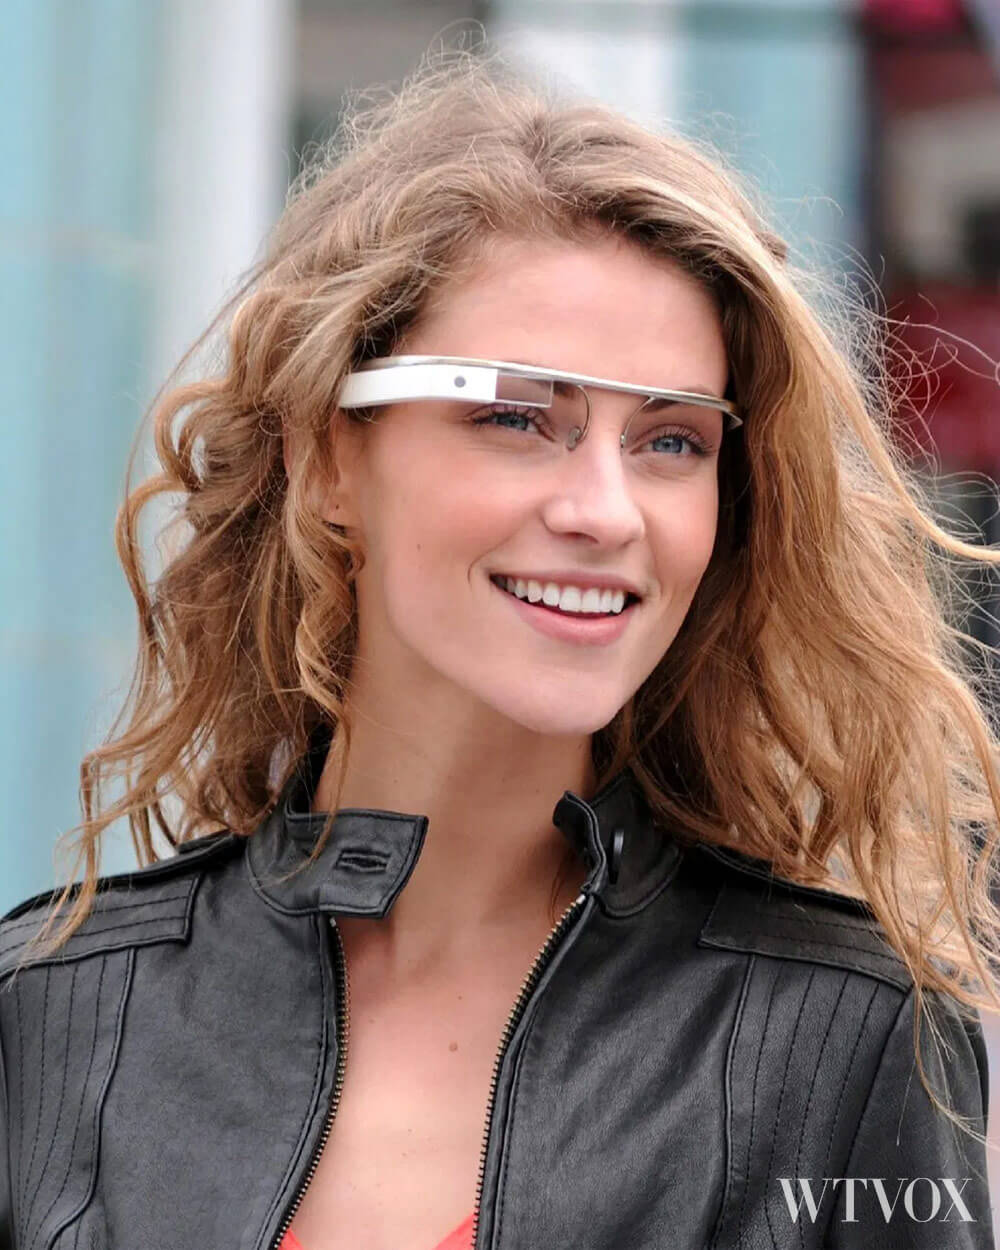 Google Glass in white frame